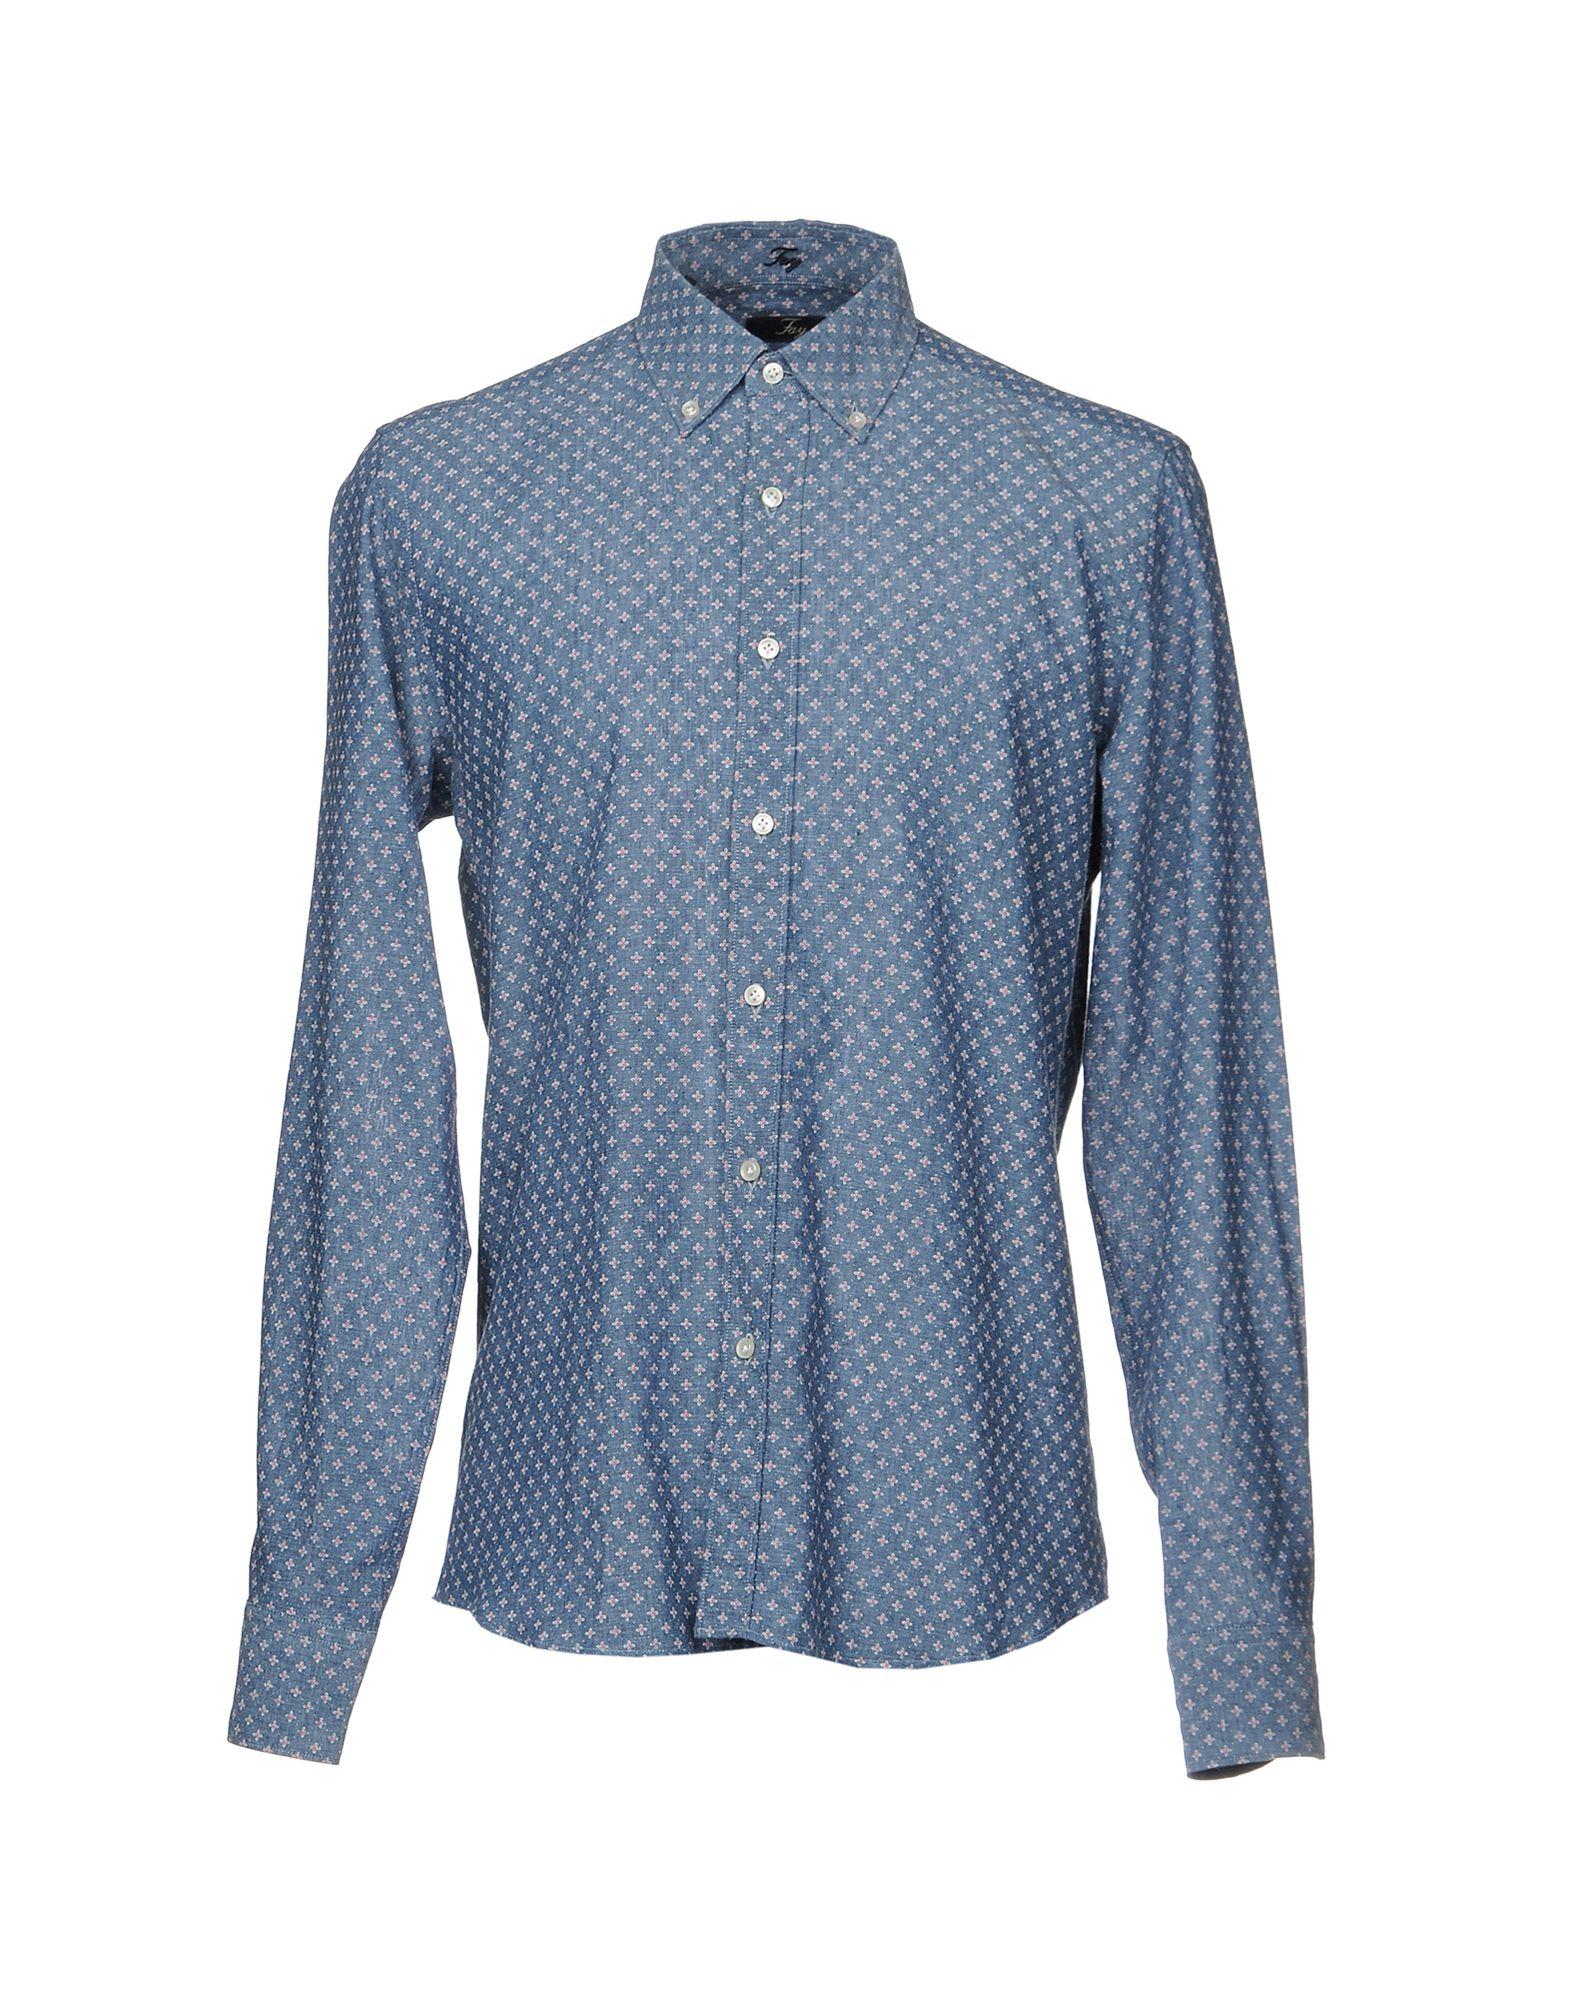 цены на FAY Джинсовая рубашка в интернет-магазинах